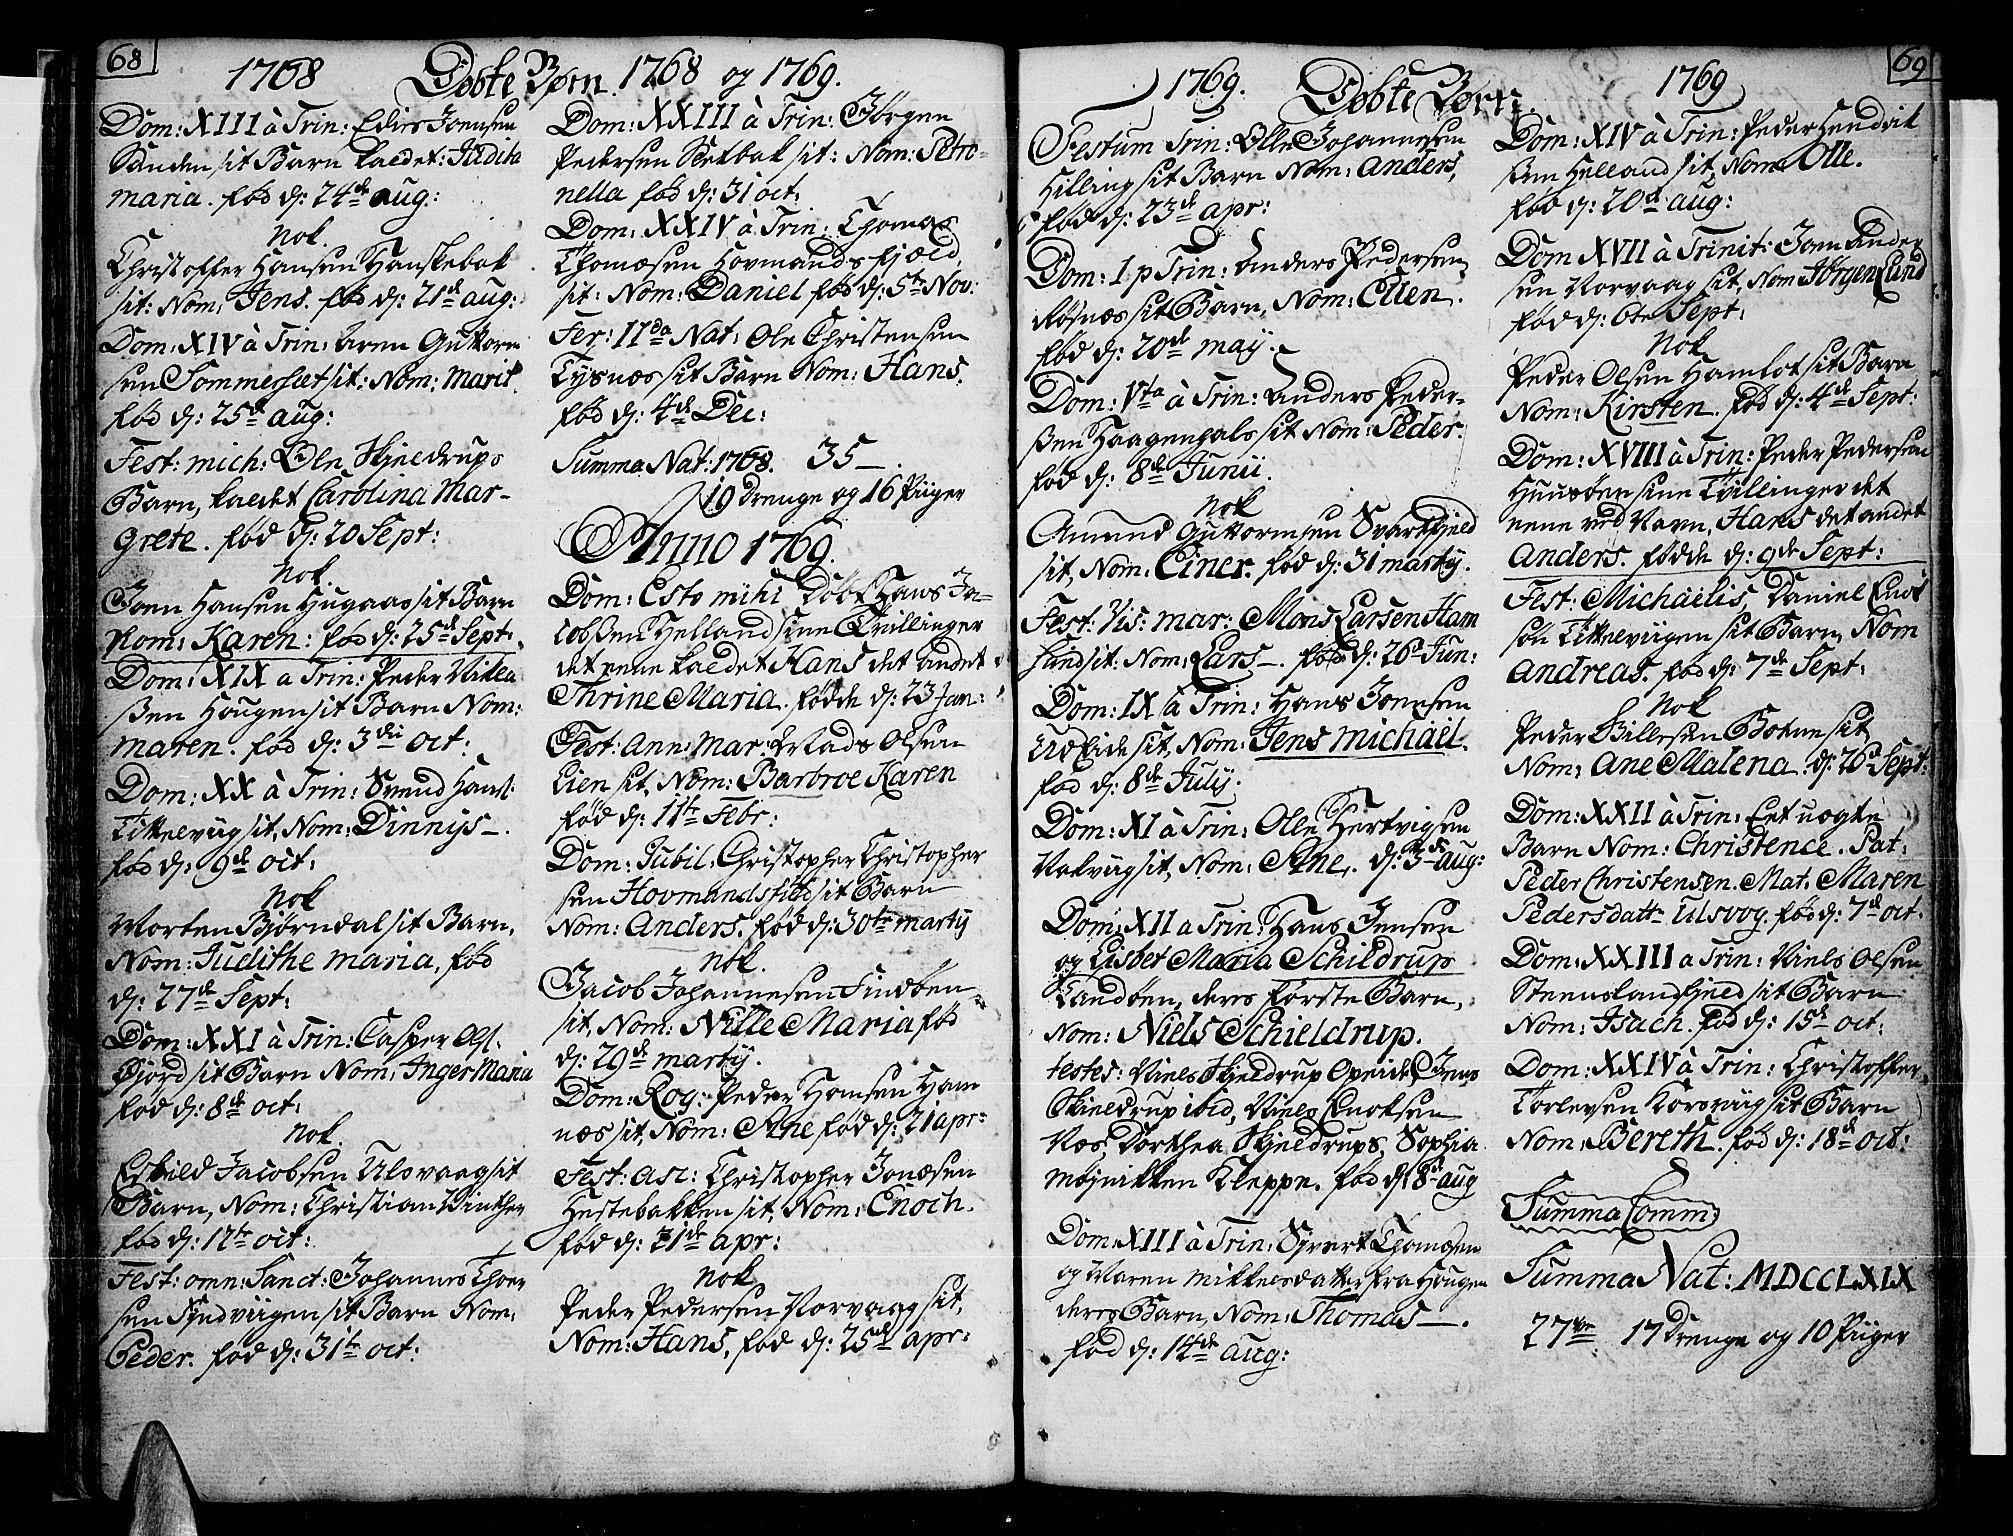 SAT, Ministerialprotokoller, klokkerbøker og fødselsregistre - Nordland, 859/L0841: Parish register (official) no. 859A01, 1766-1821, p. 68-69